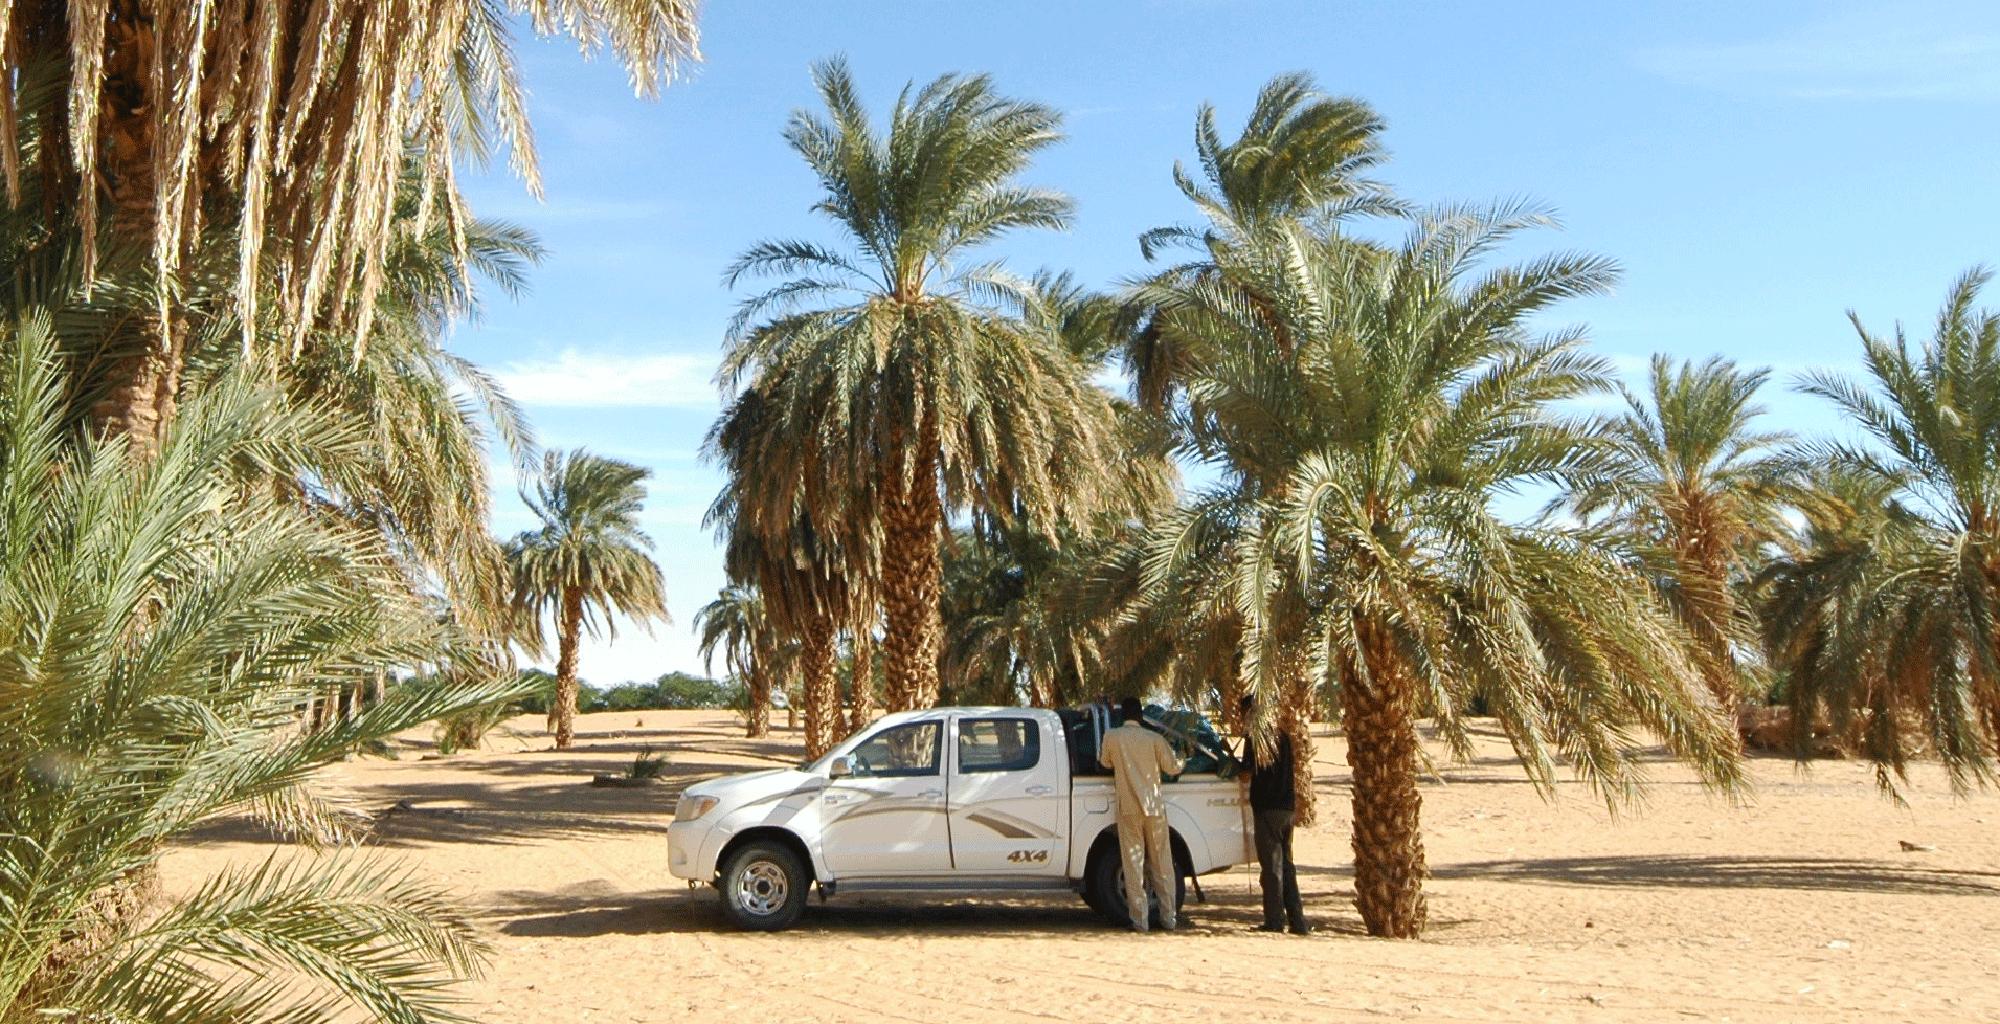 Sudan-Kerma-Wild-Camp-Transport